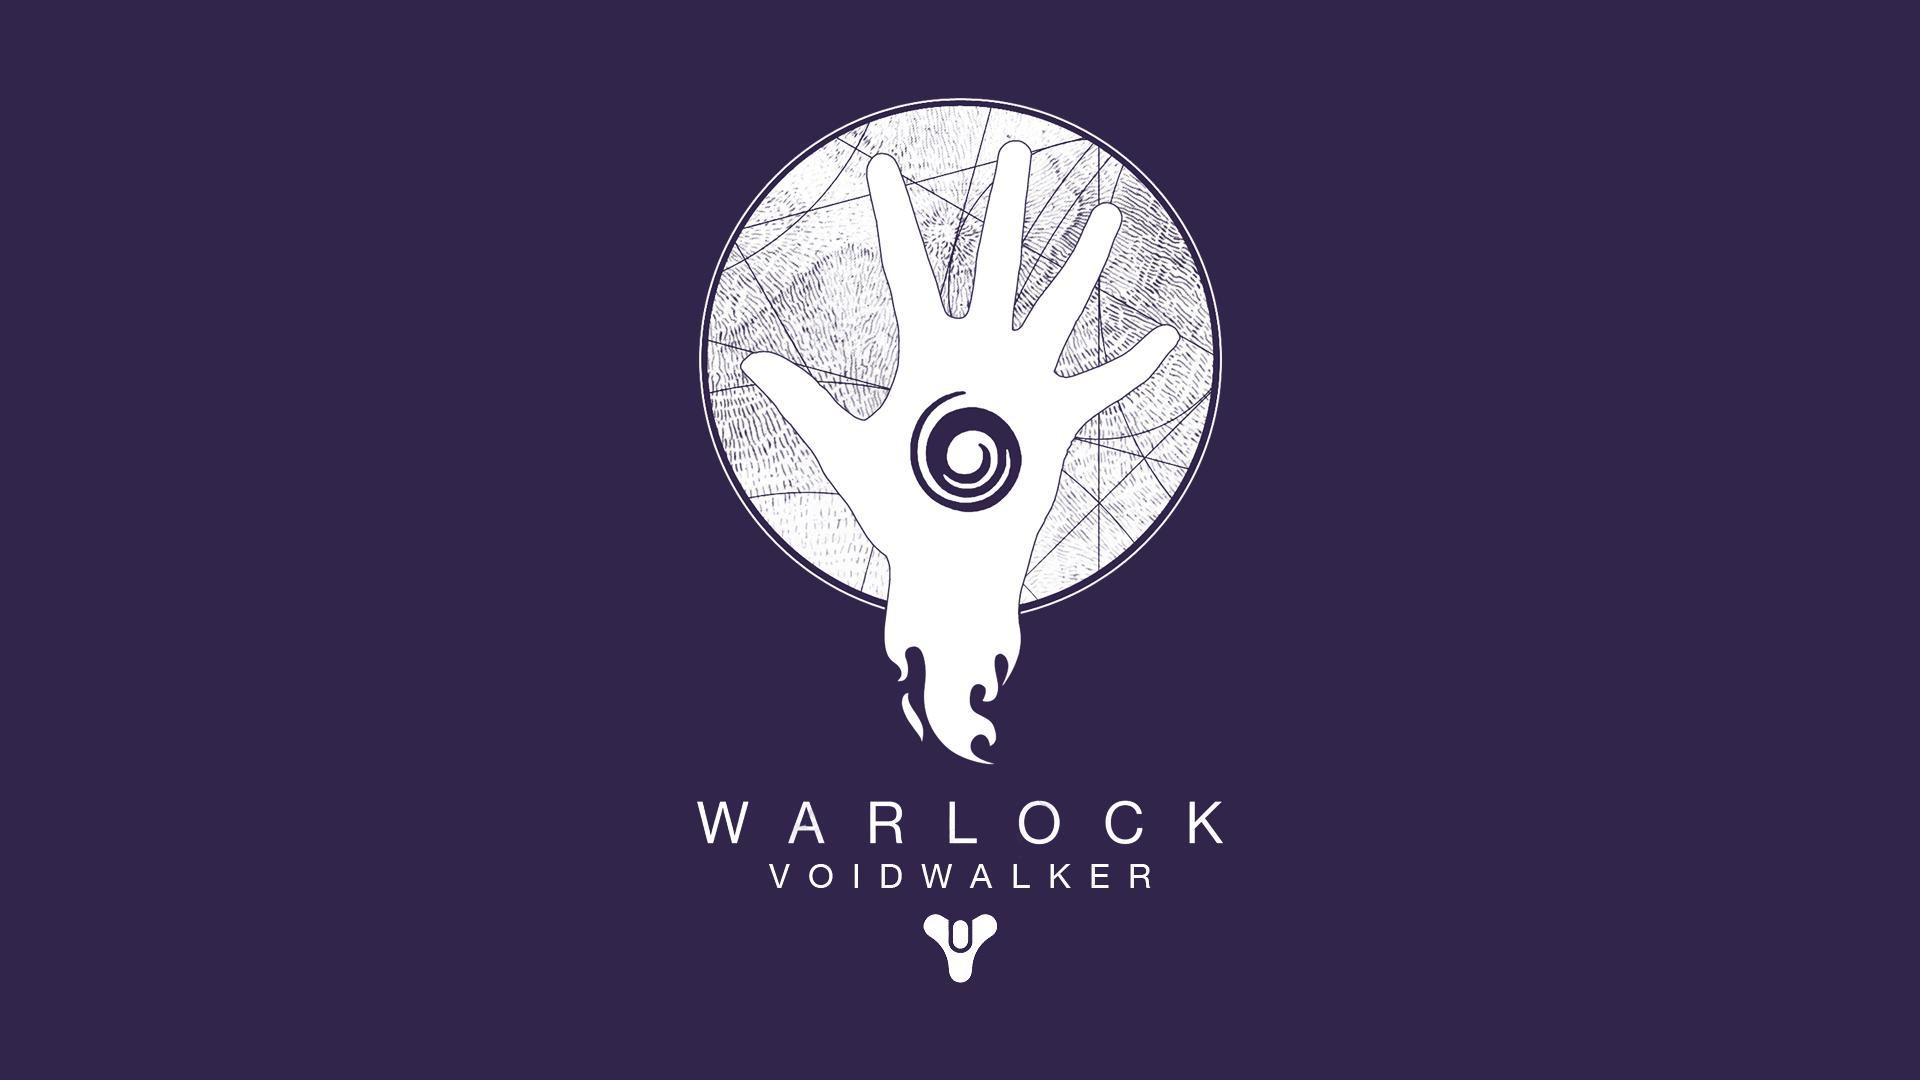 On warlocks spoon deep gaming destiny voidwalker biocorpaavc Gallery